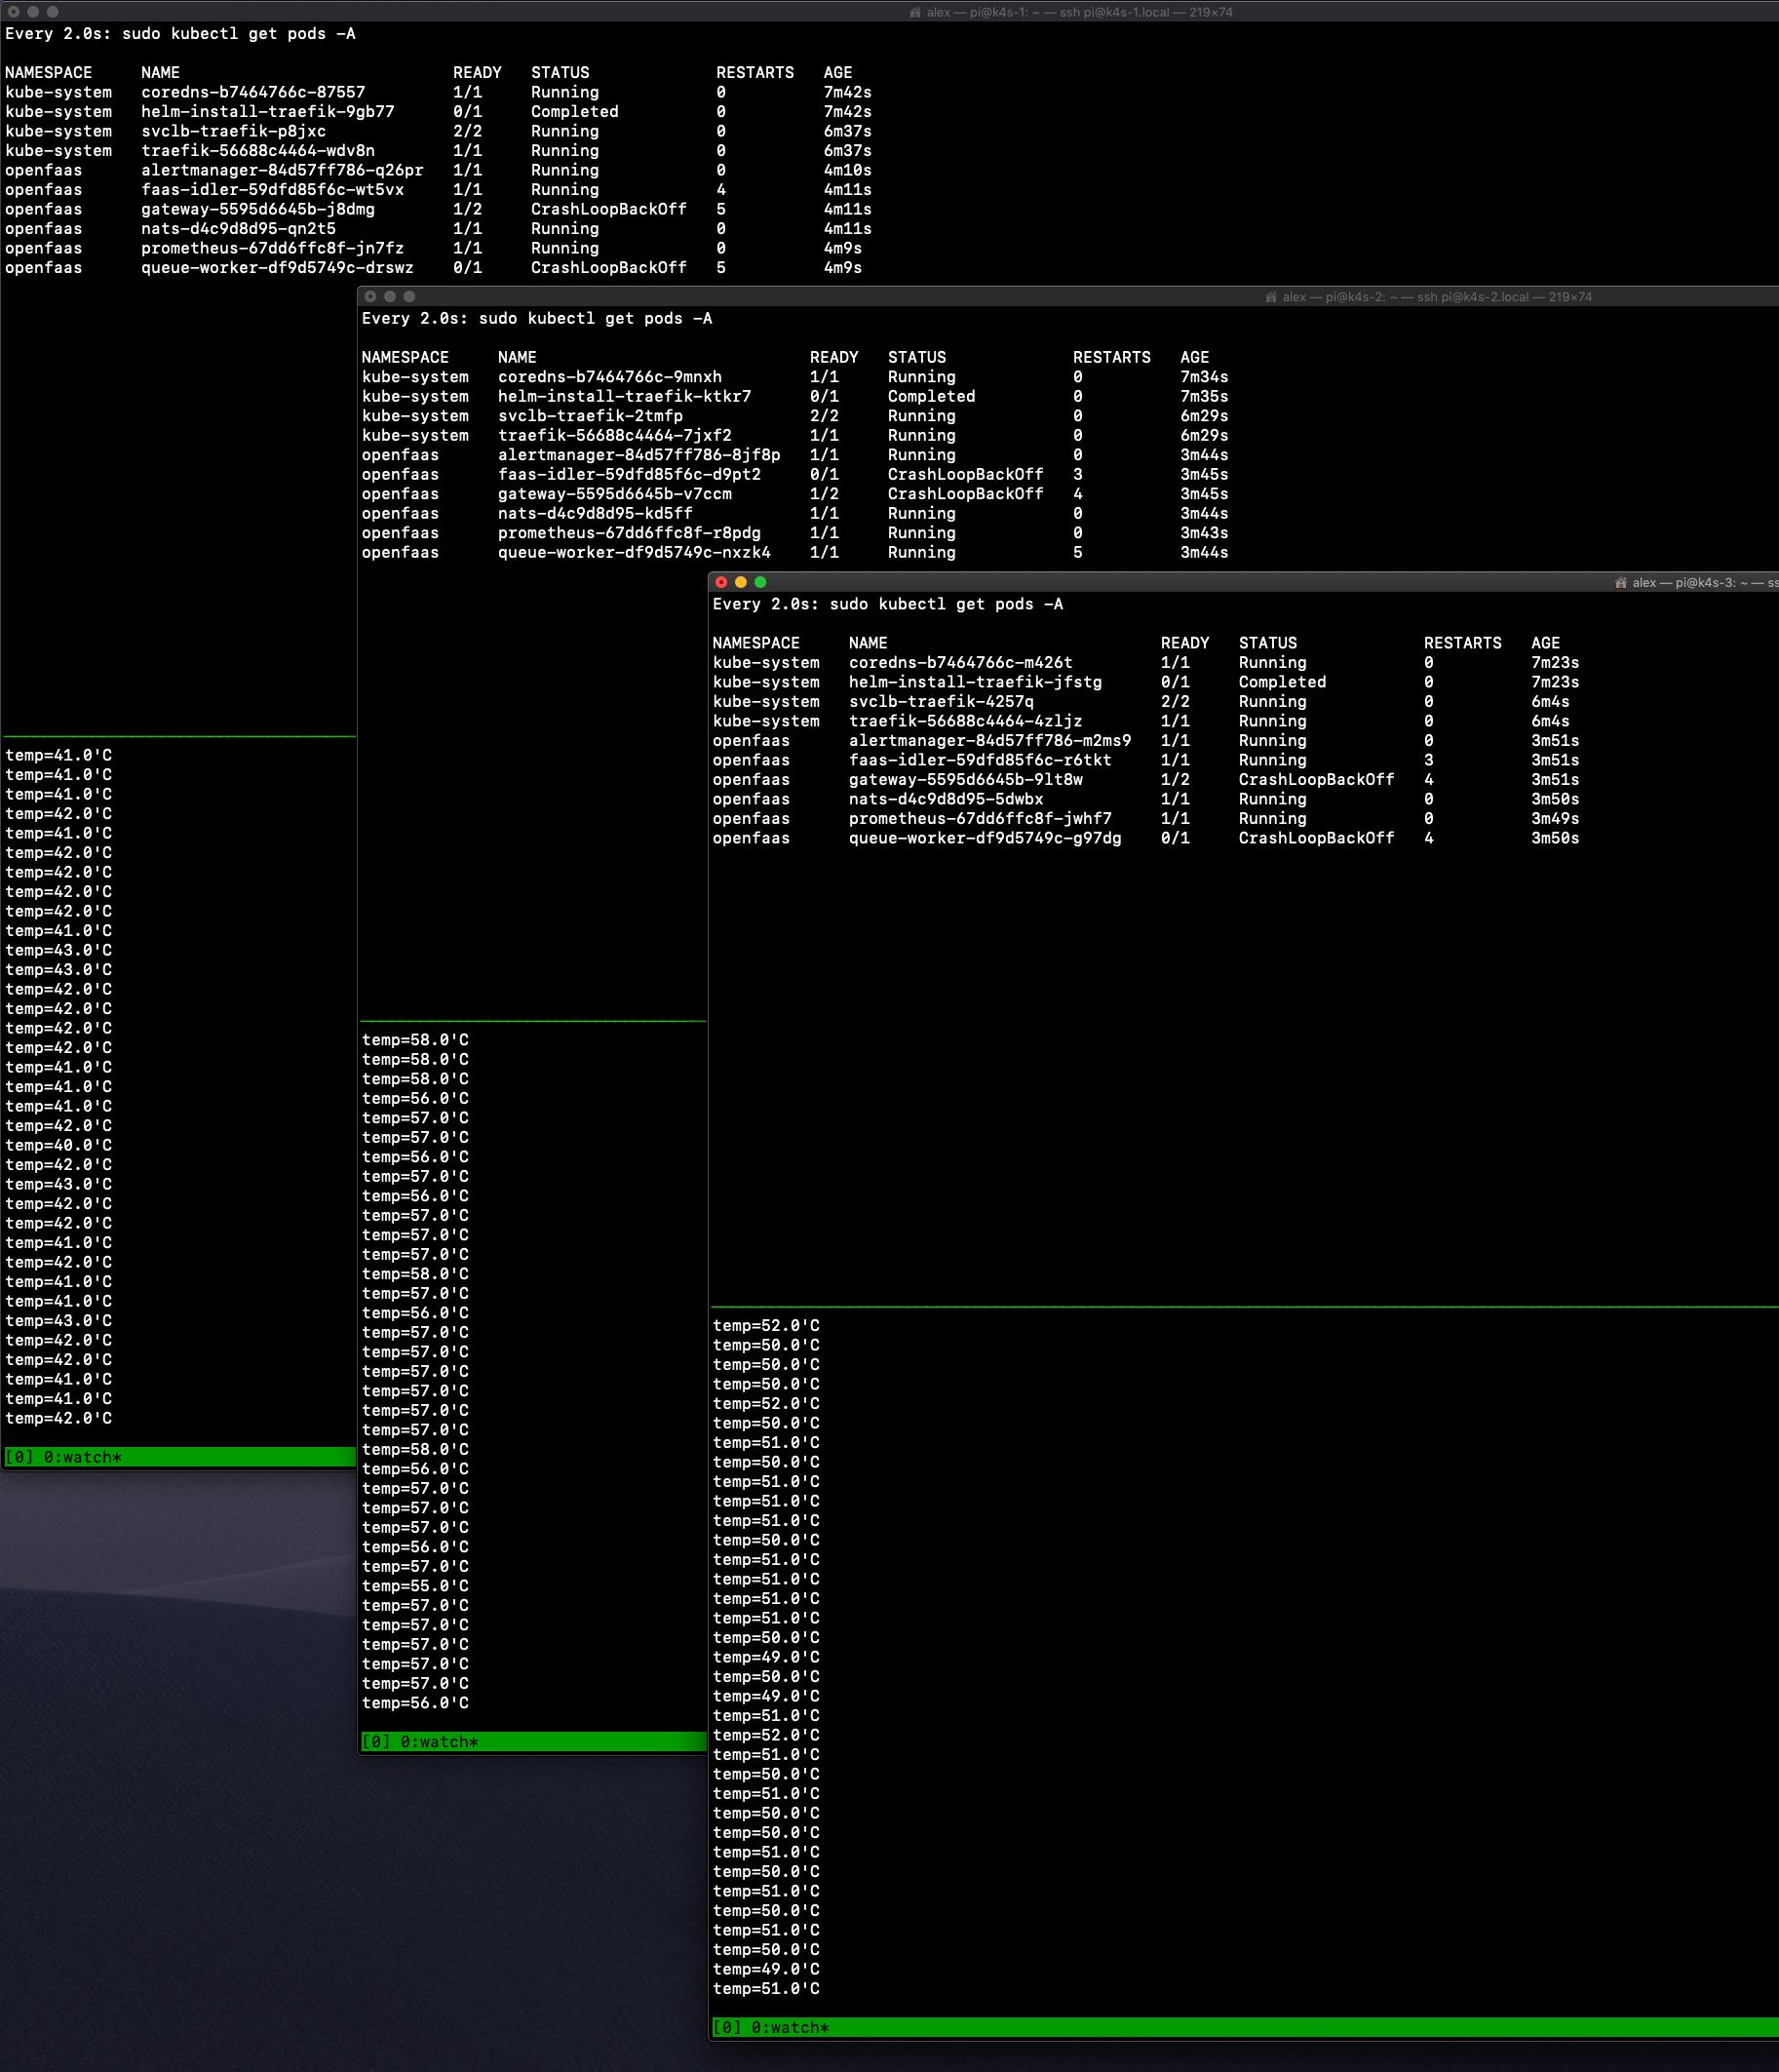 Screenshot 2019-08-03 at 22 51 47